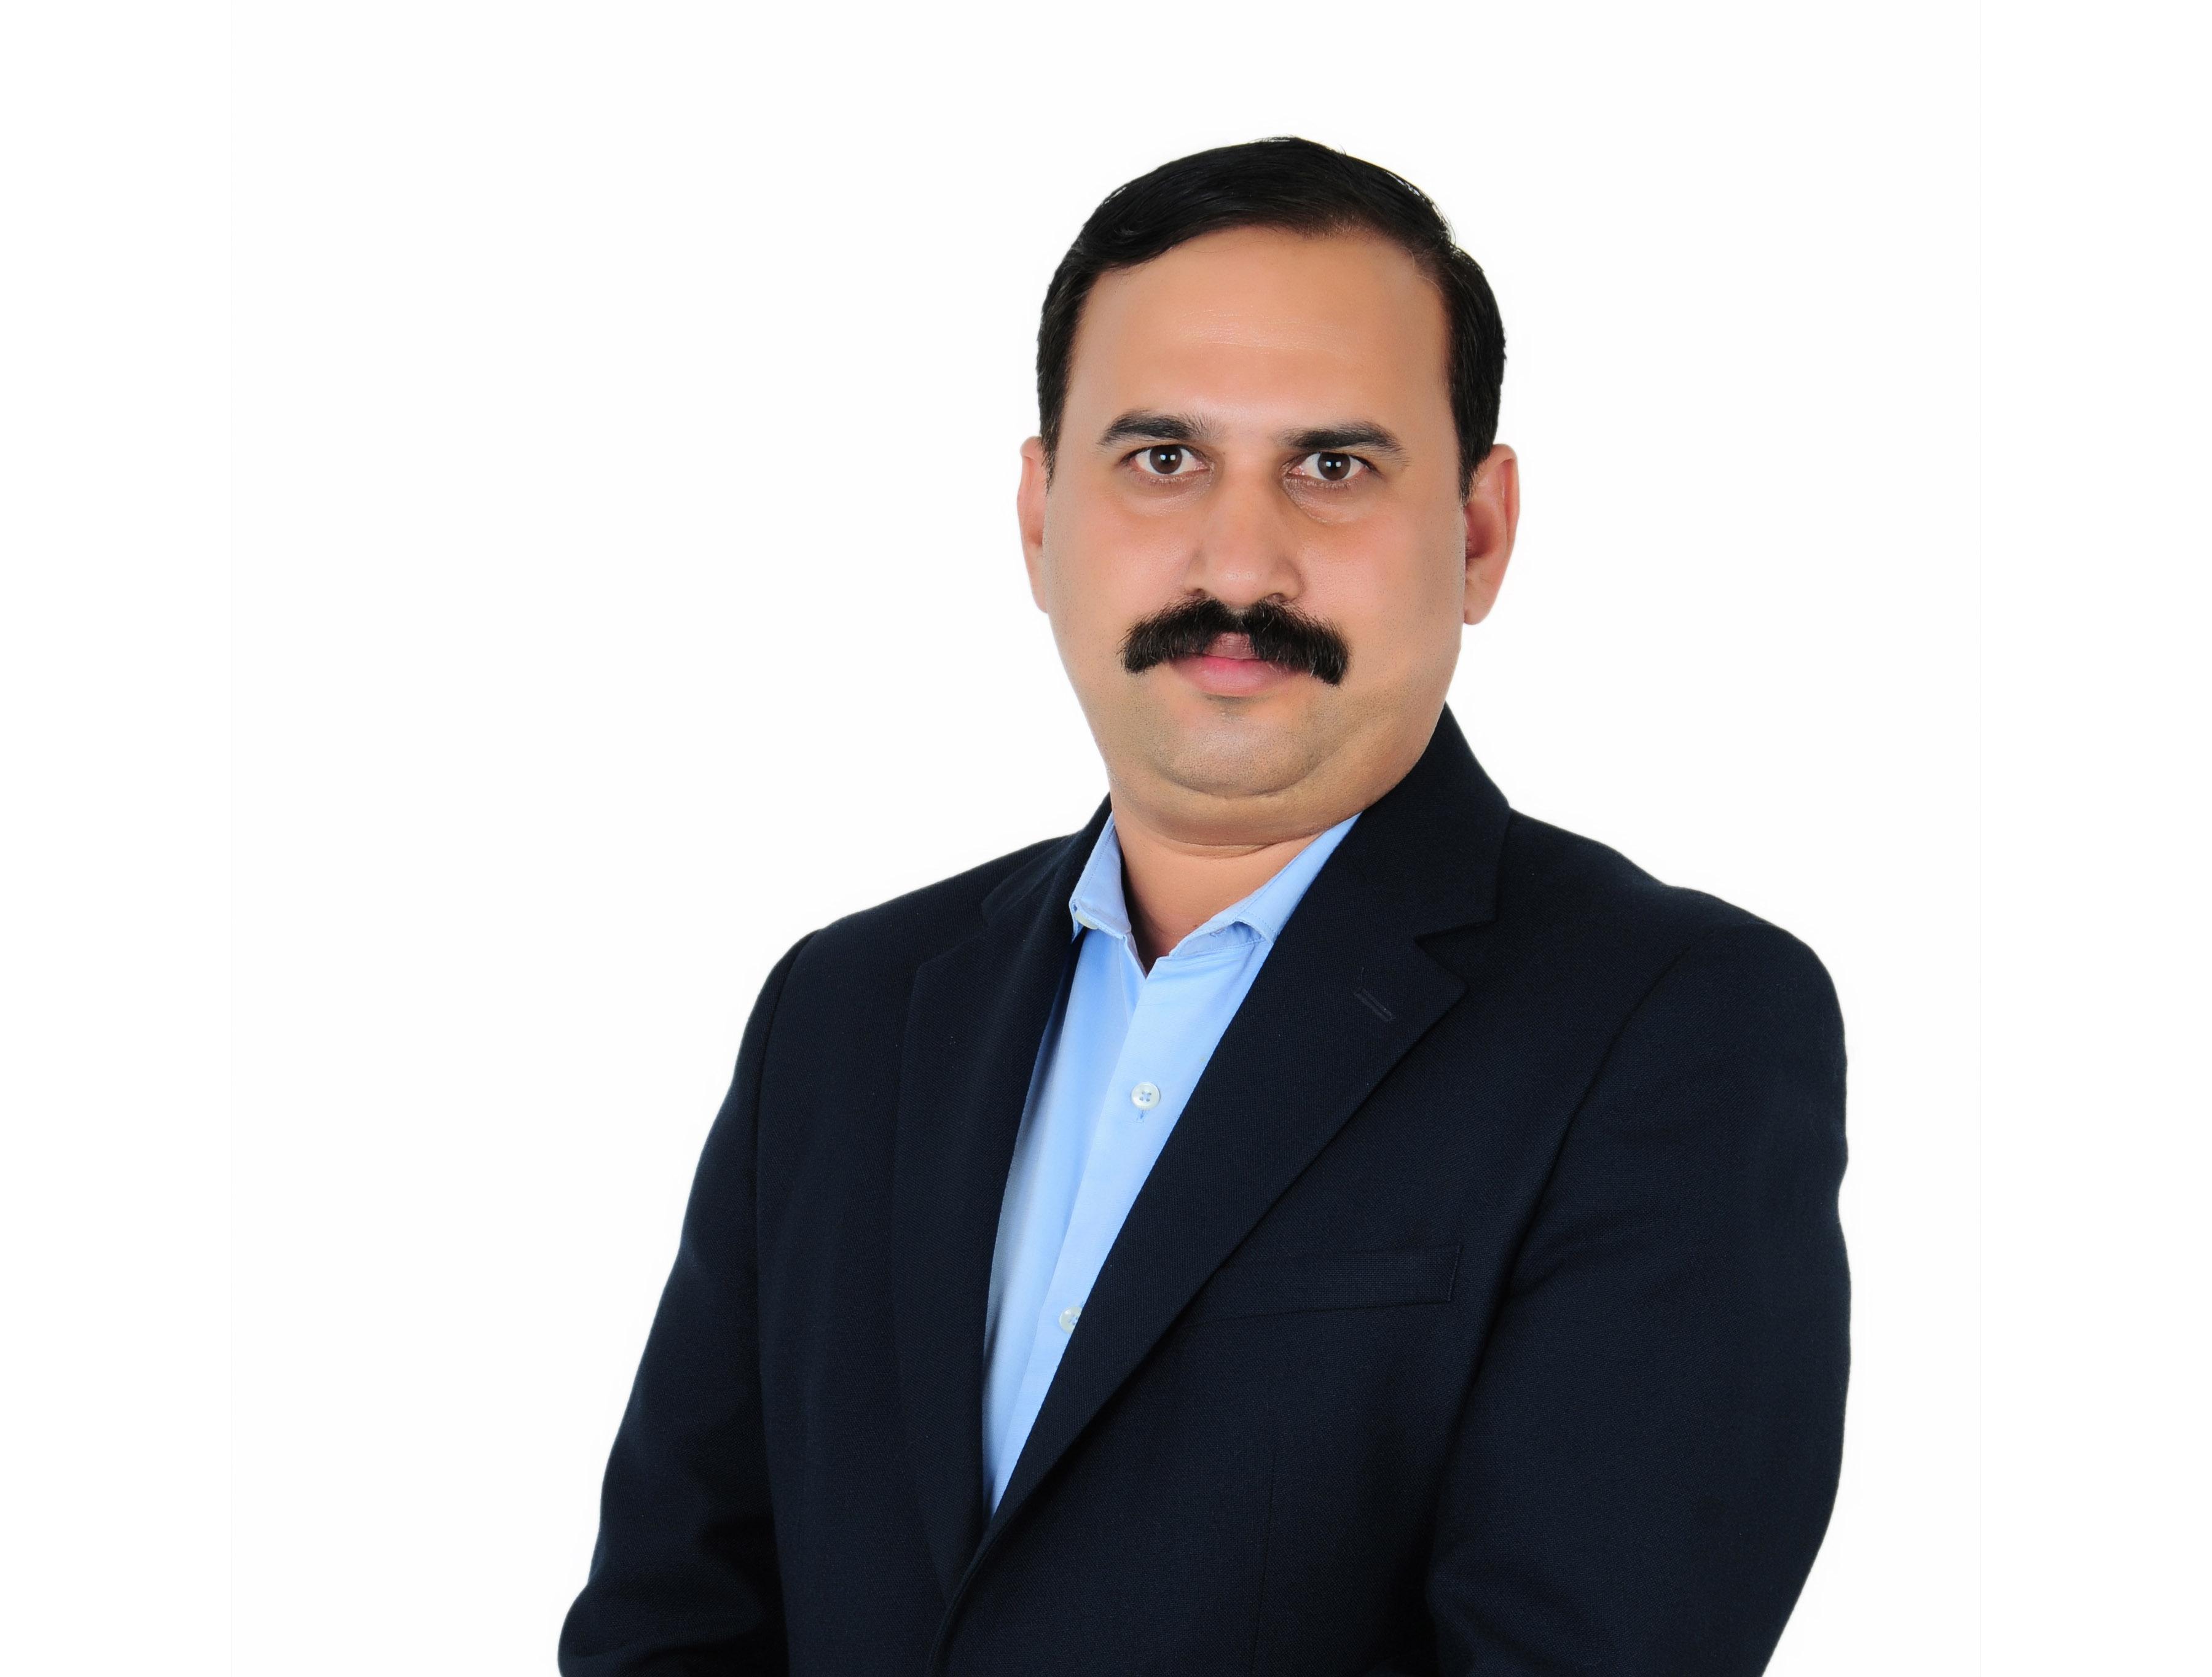 Subash Muthanna